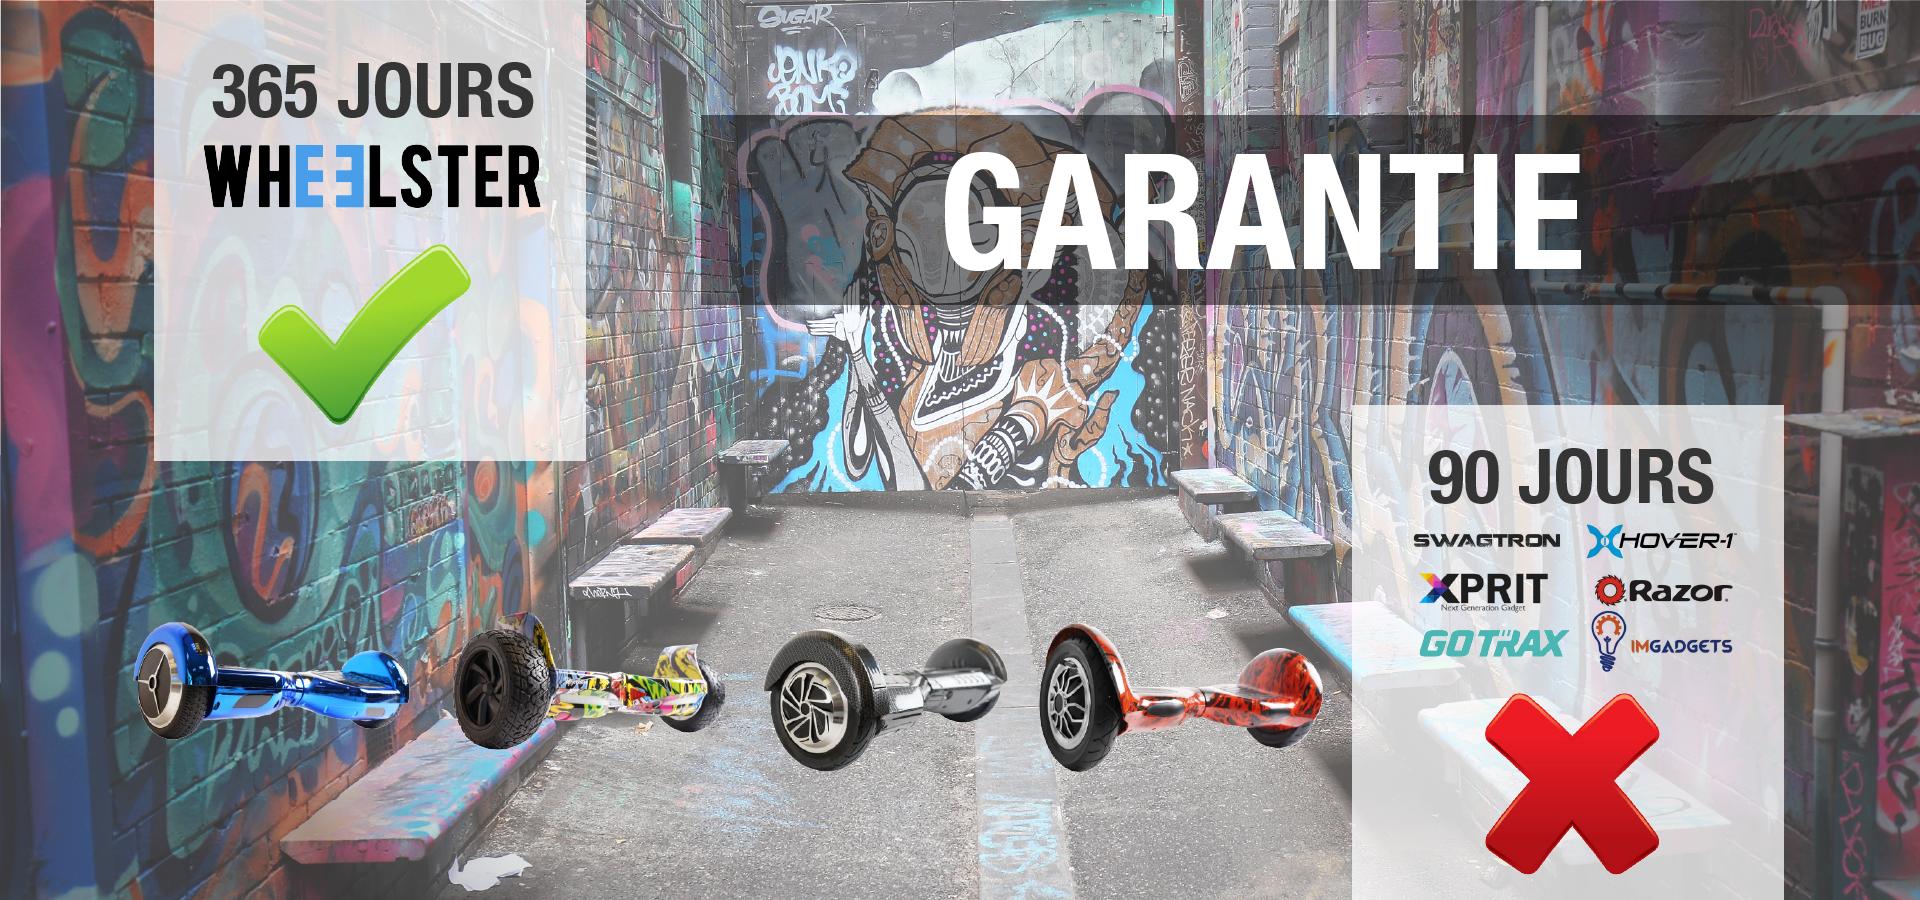 hoverboard-garantie-wheelster.jpg